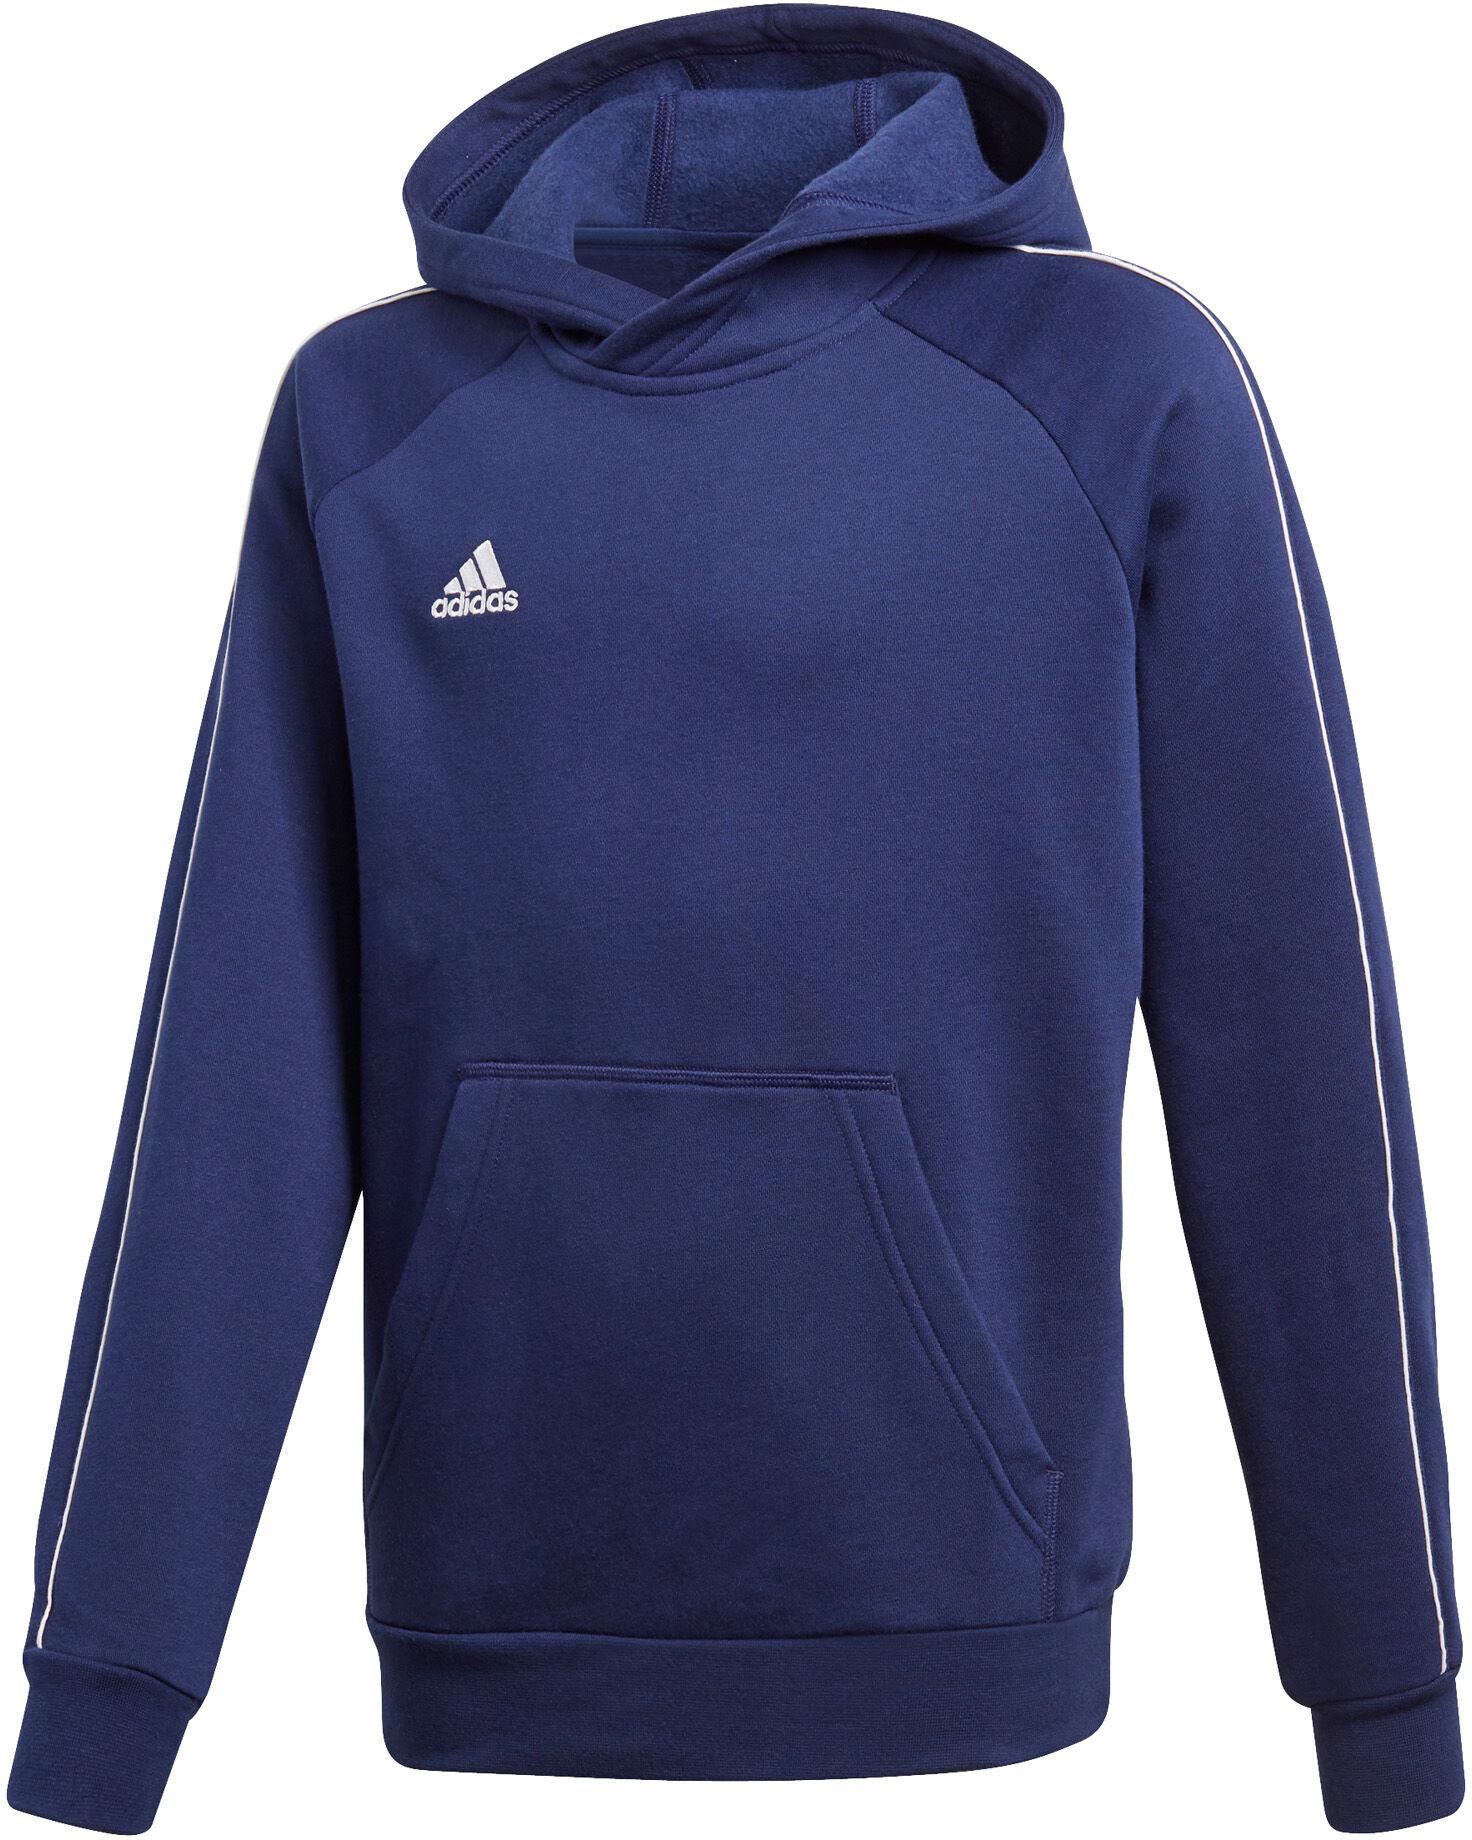 Adidas Crop Pullover Damen 176 Sport Kinder grün blau